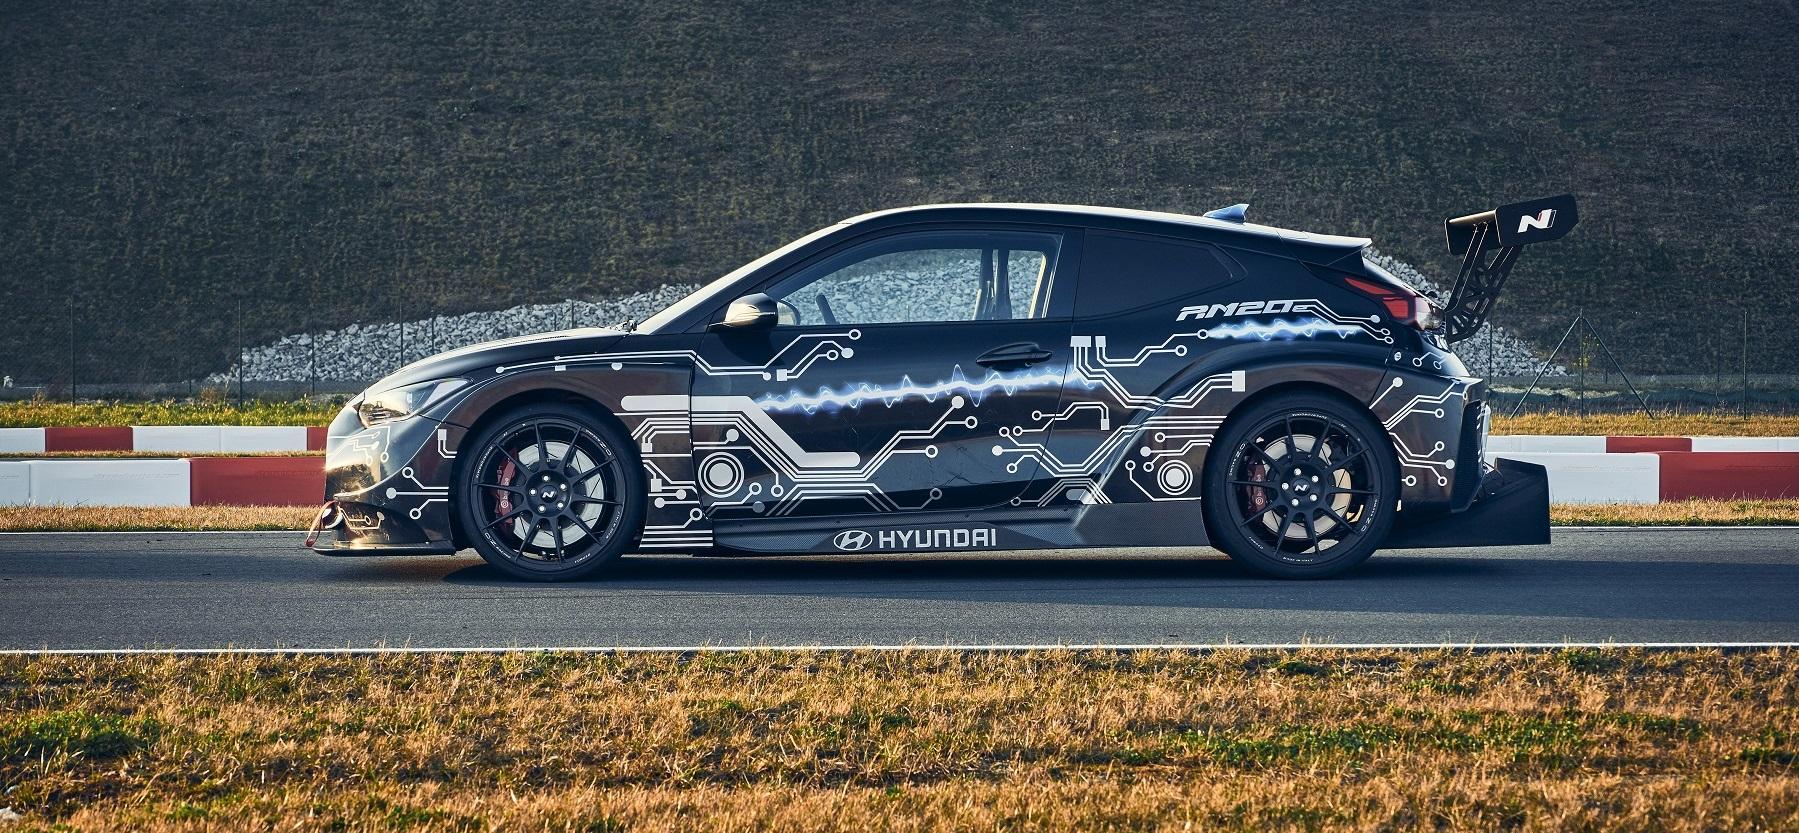 Hyundai N má elektrickú budúcnosť. Predznamenáva ju špeciál RM20e Vd7ZsCHGH4 hyundai-rm20e-racing-mi